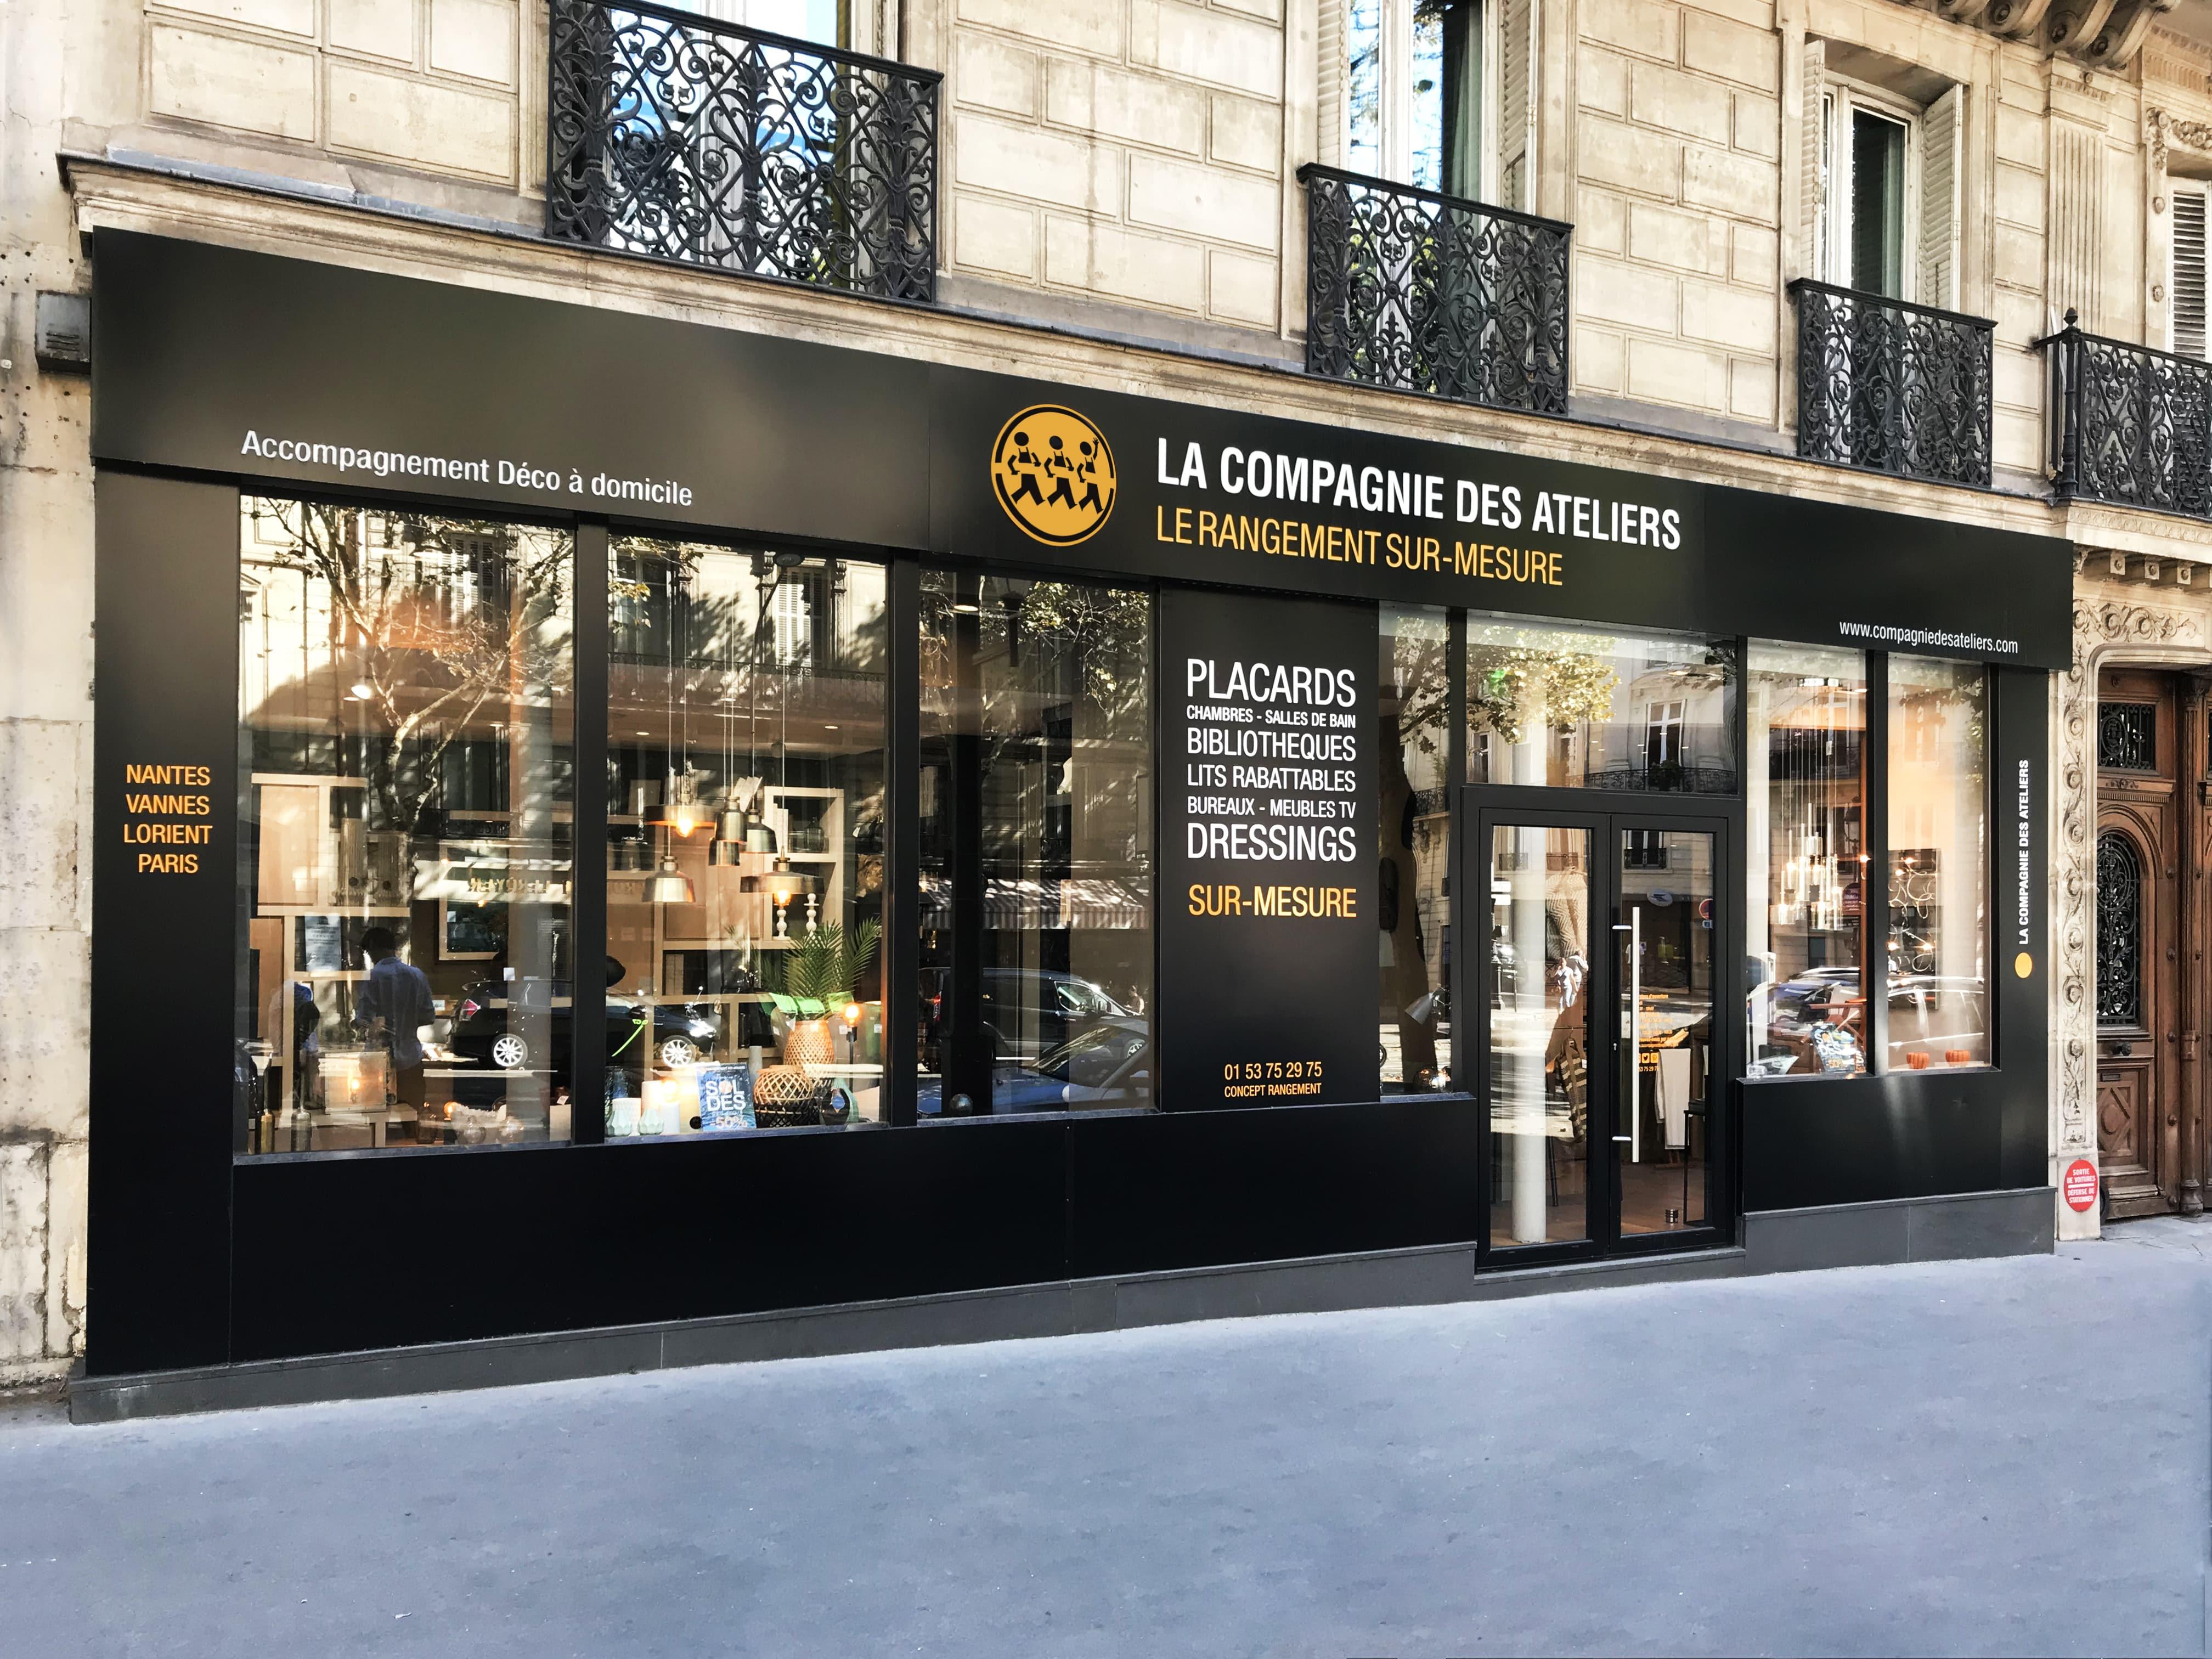 Showroom De Paris 8me Arrondissement